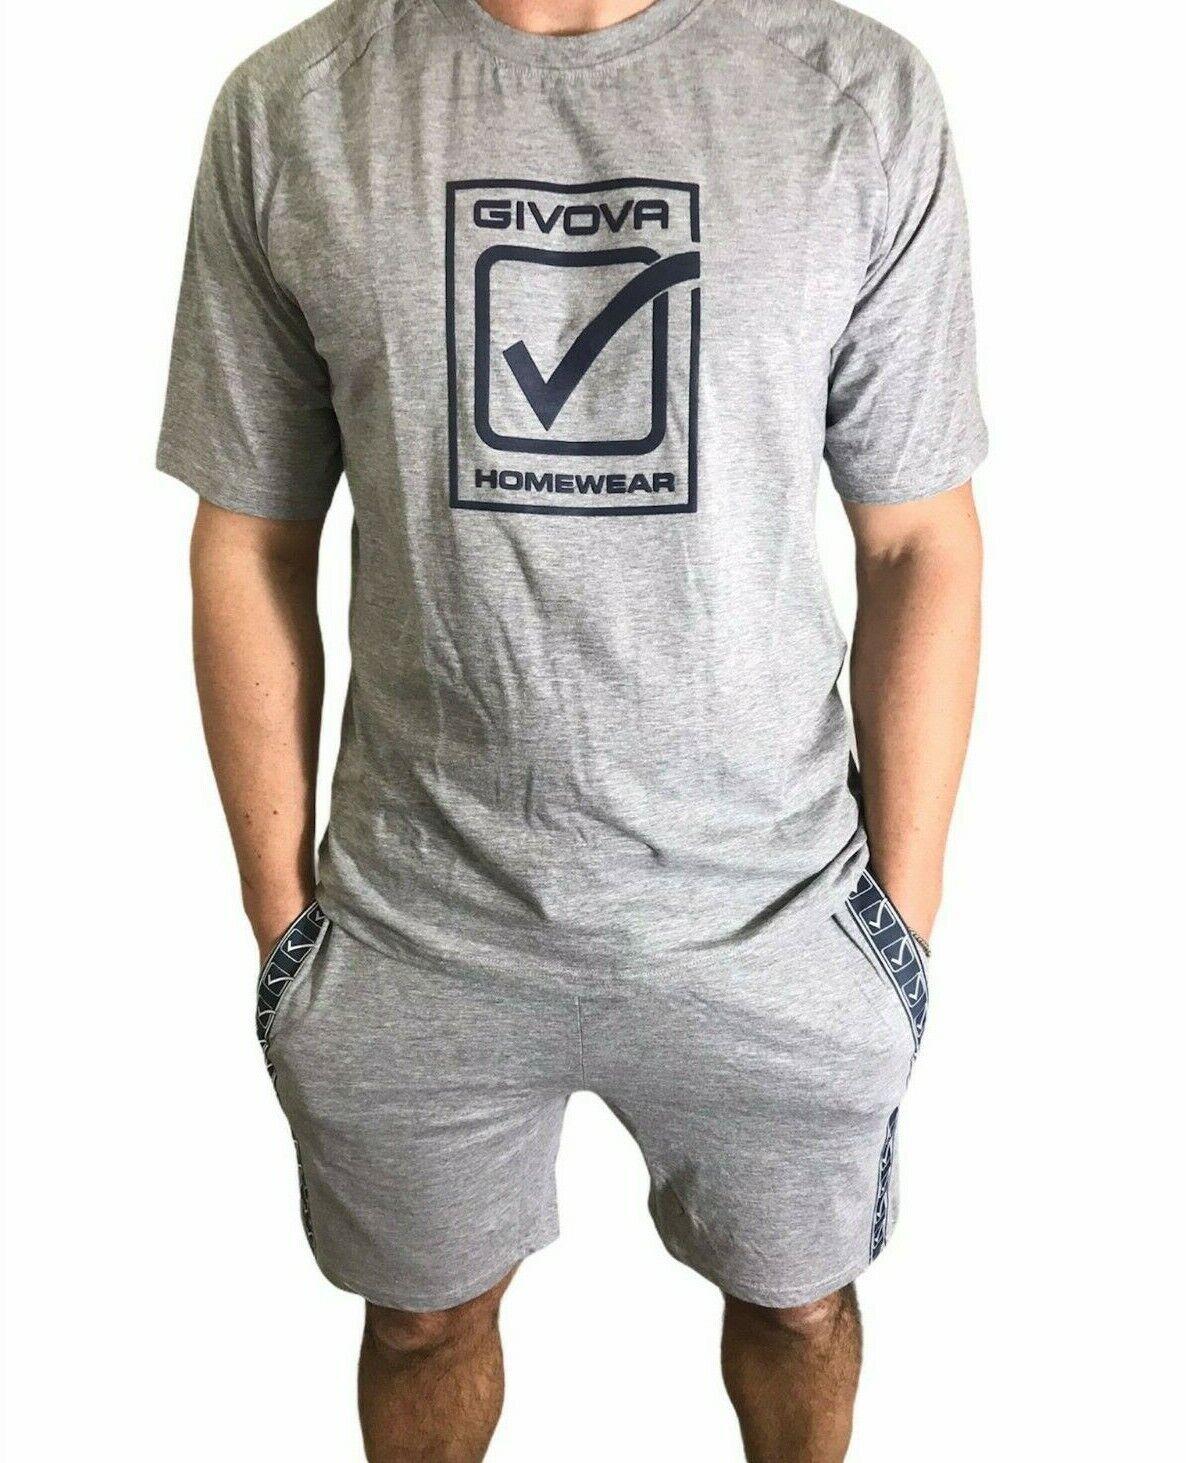 COMPLETO homewear MANICA CORTA GIVOVA UOMO SPORTIVO ESTIVO TUTA SPORT 6 MODELLI